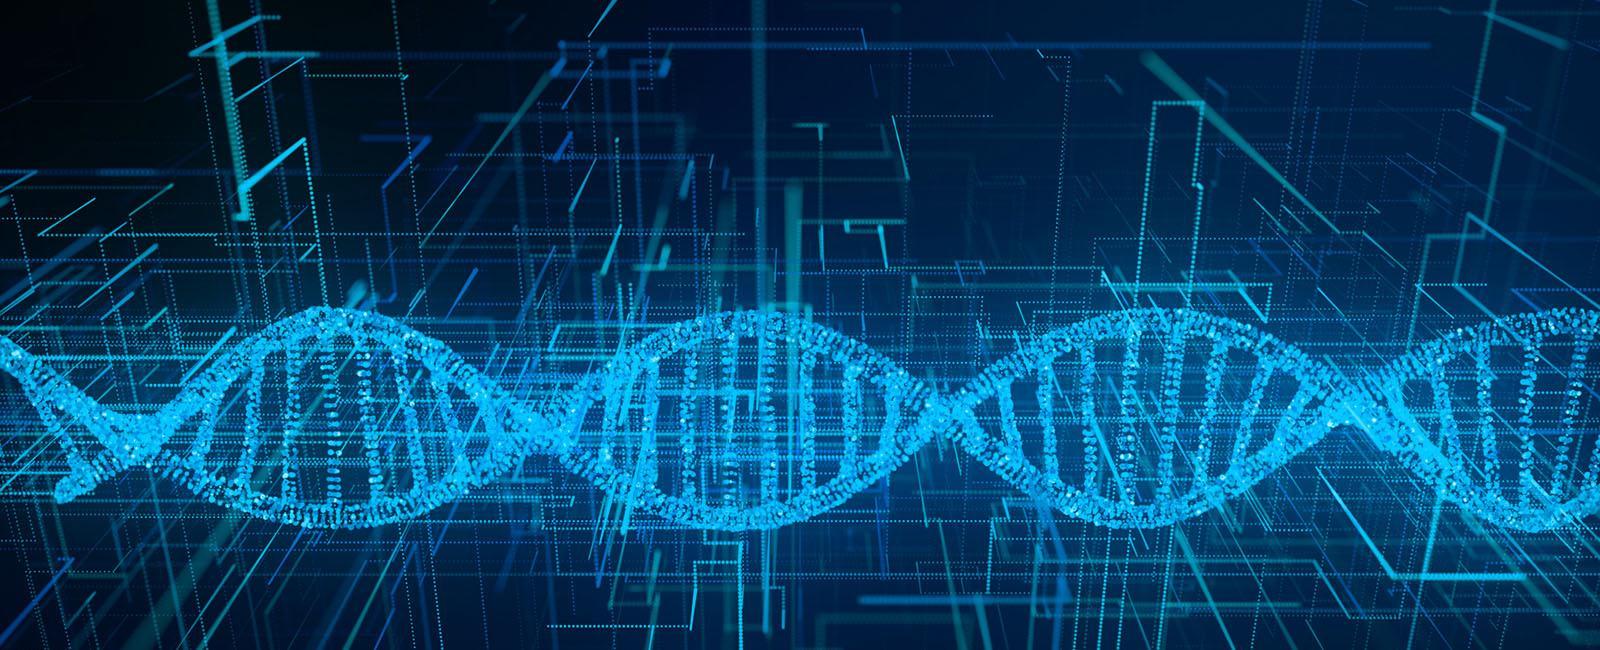 DNA art